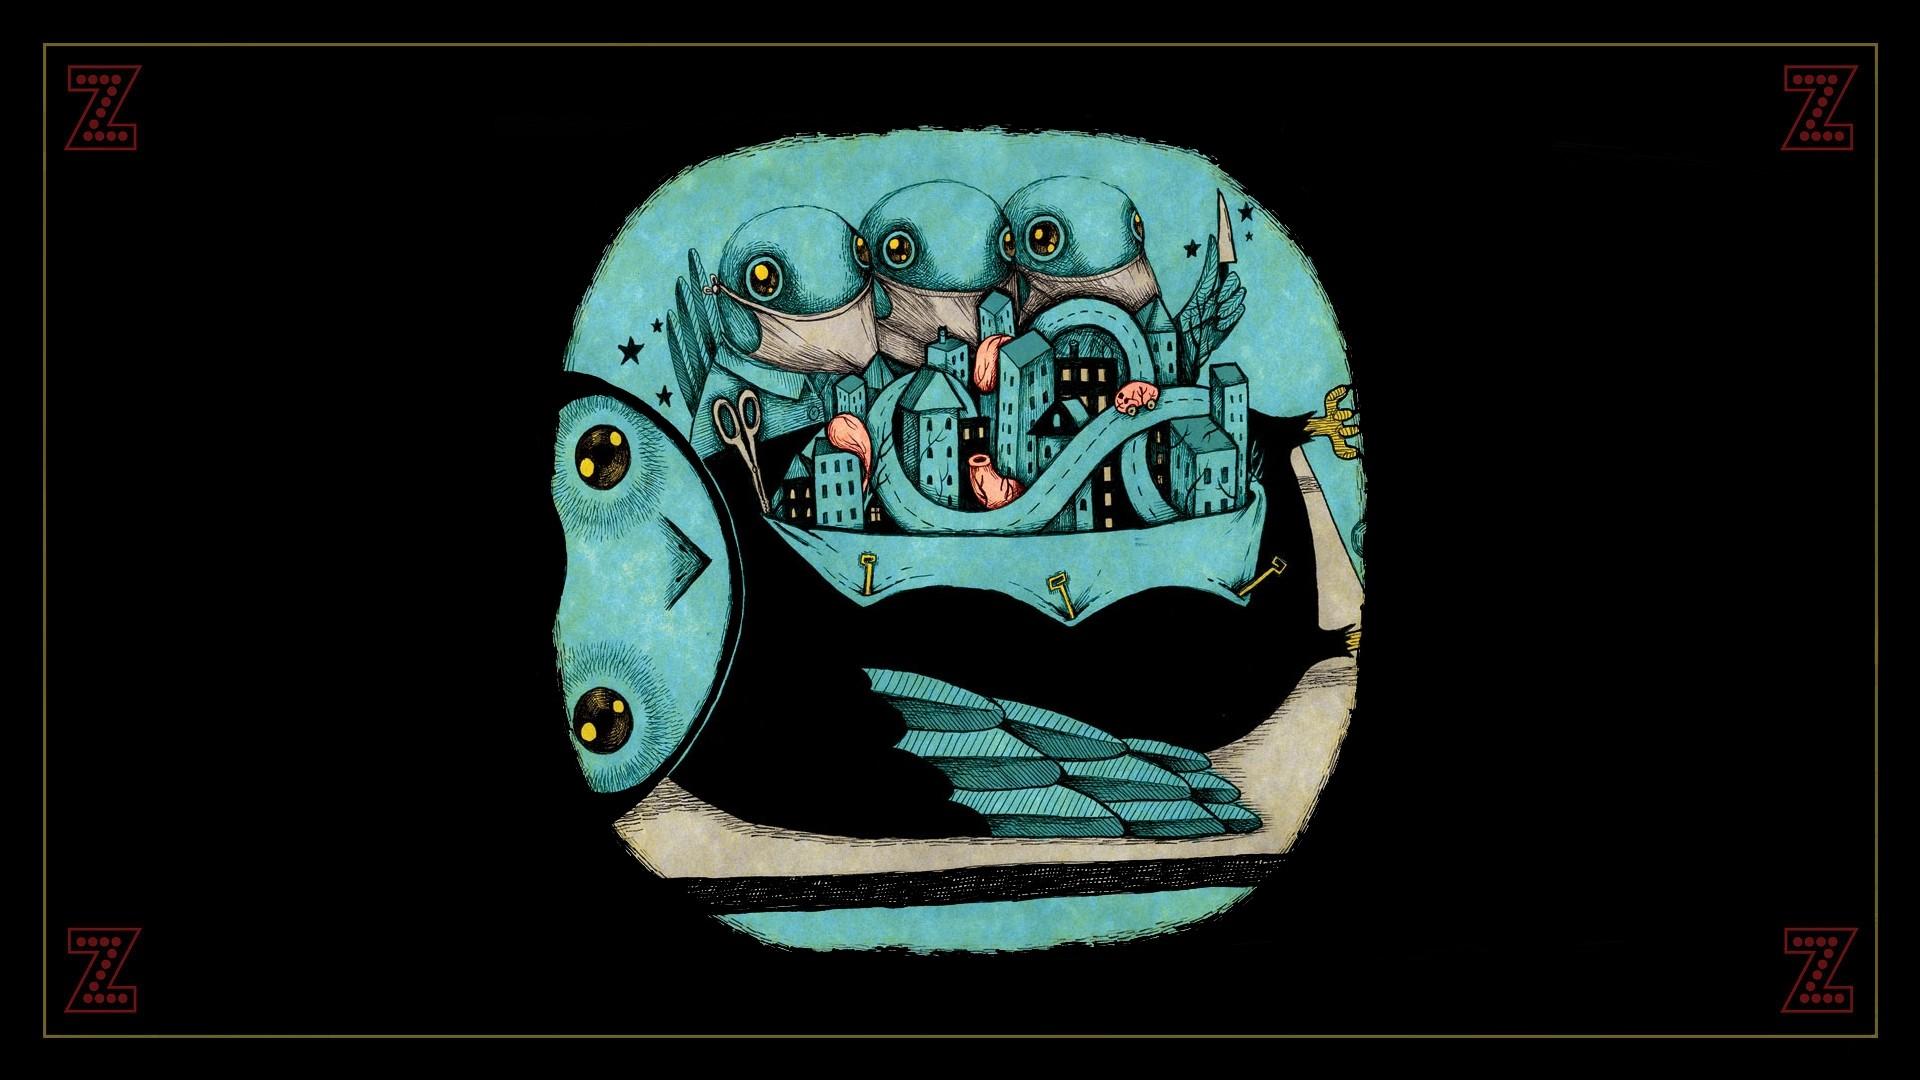 Wallpaper Ilustrasi Musik Desain Grafis Cover Art Burung